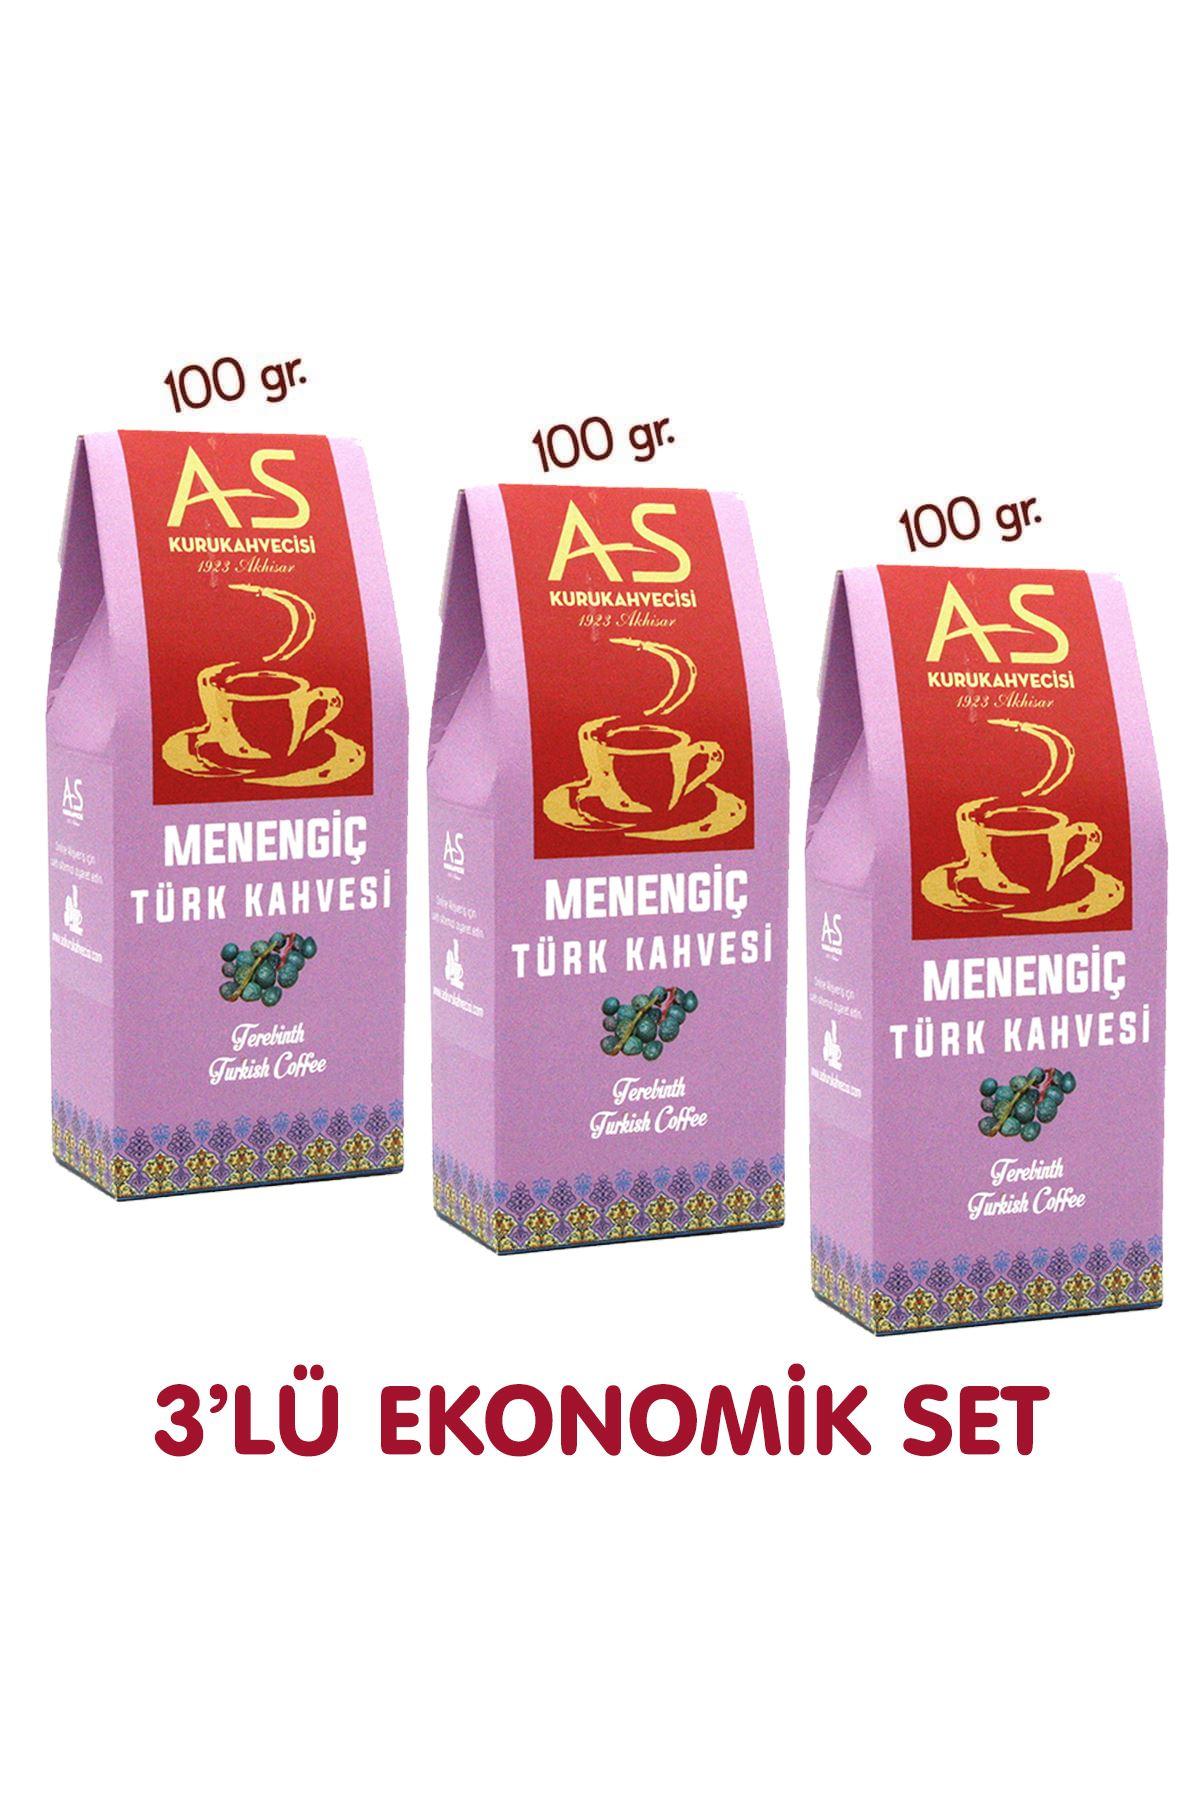 3'lü Menengiç Türk Kahvesi Ekonomik Set